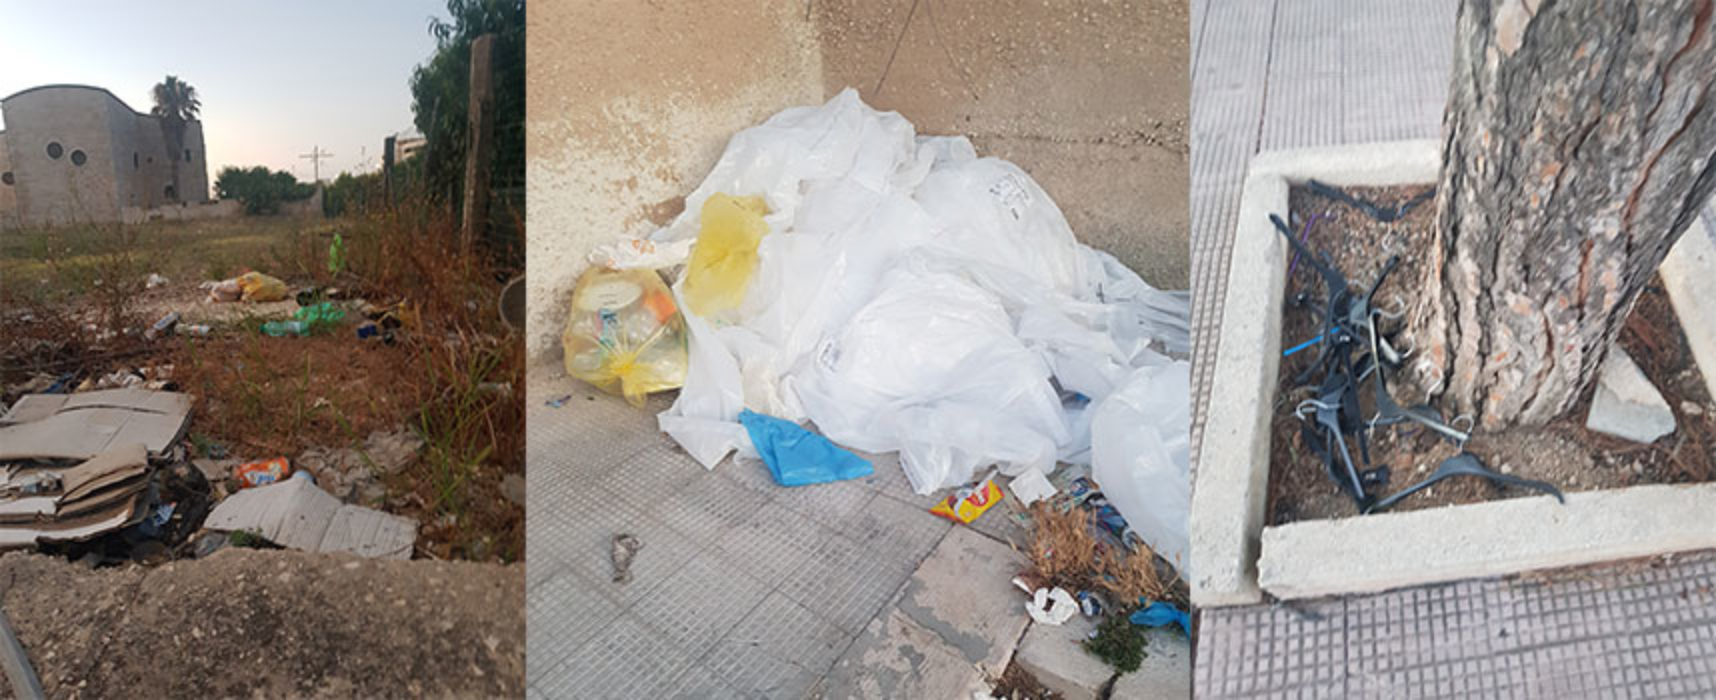 """Cittadina scrive a Bisceglie24, """"Continua presenza di rifiuti in zona mercato settimanale"""" / FOTO"""